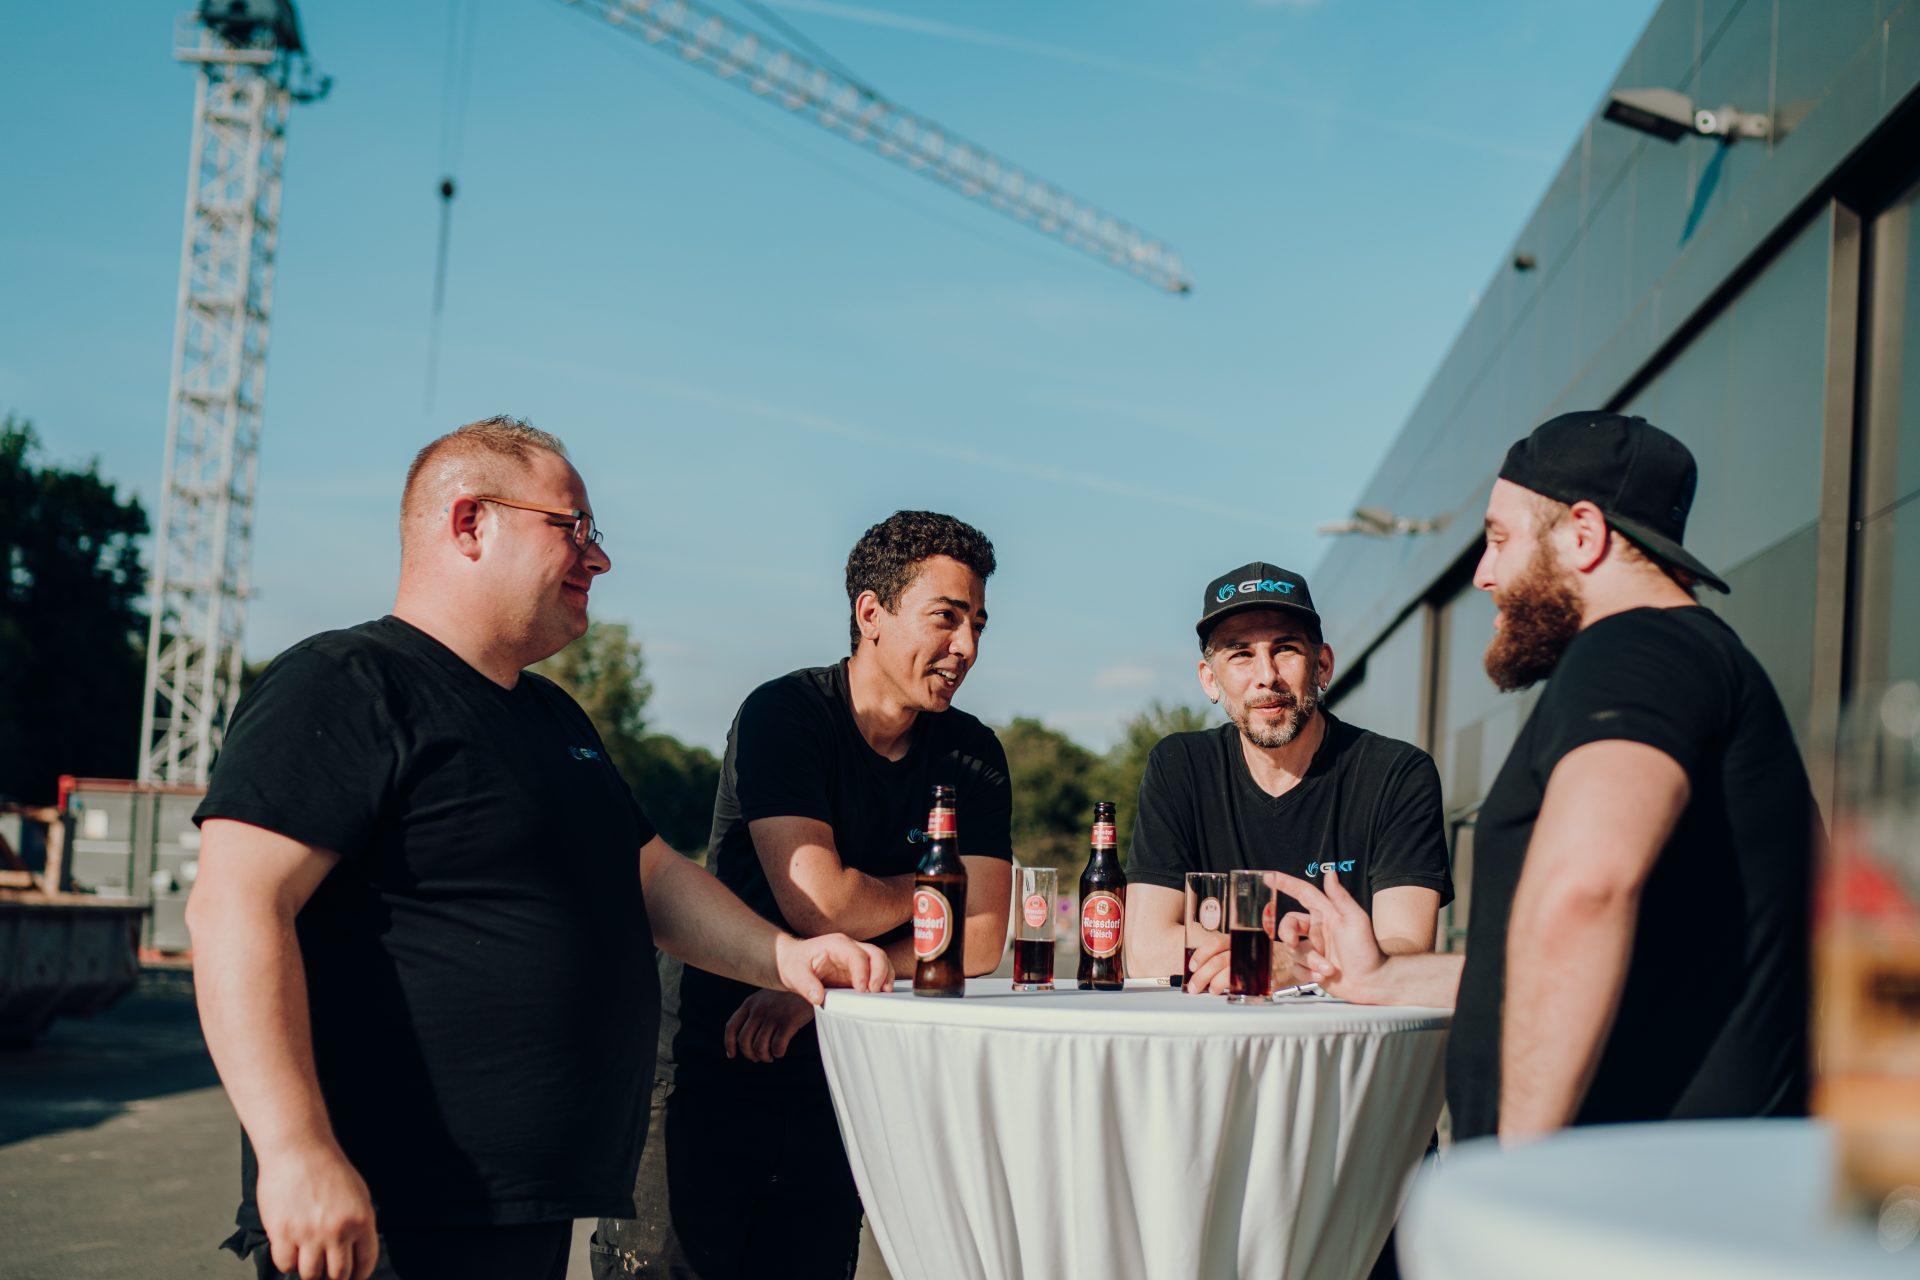 Klimatechniker trinken ein Bier am Stehtisch